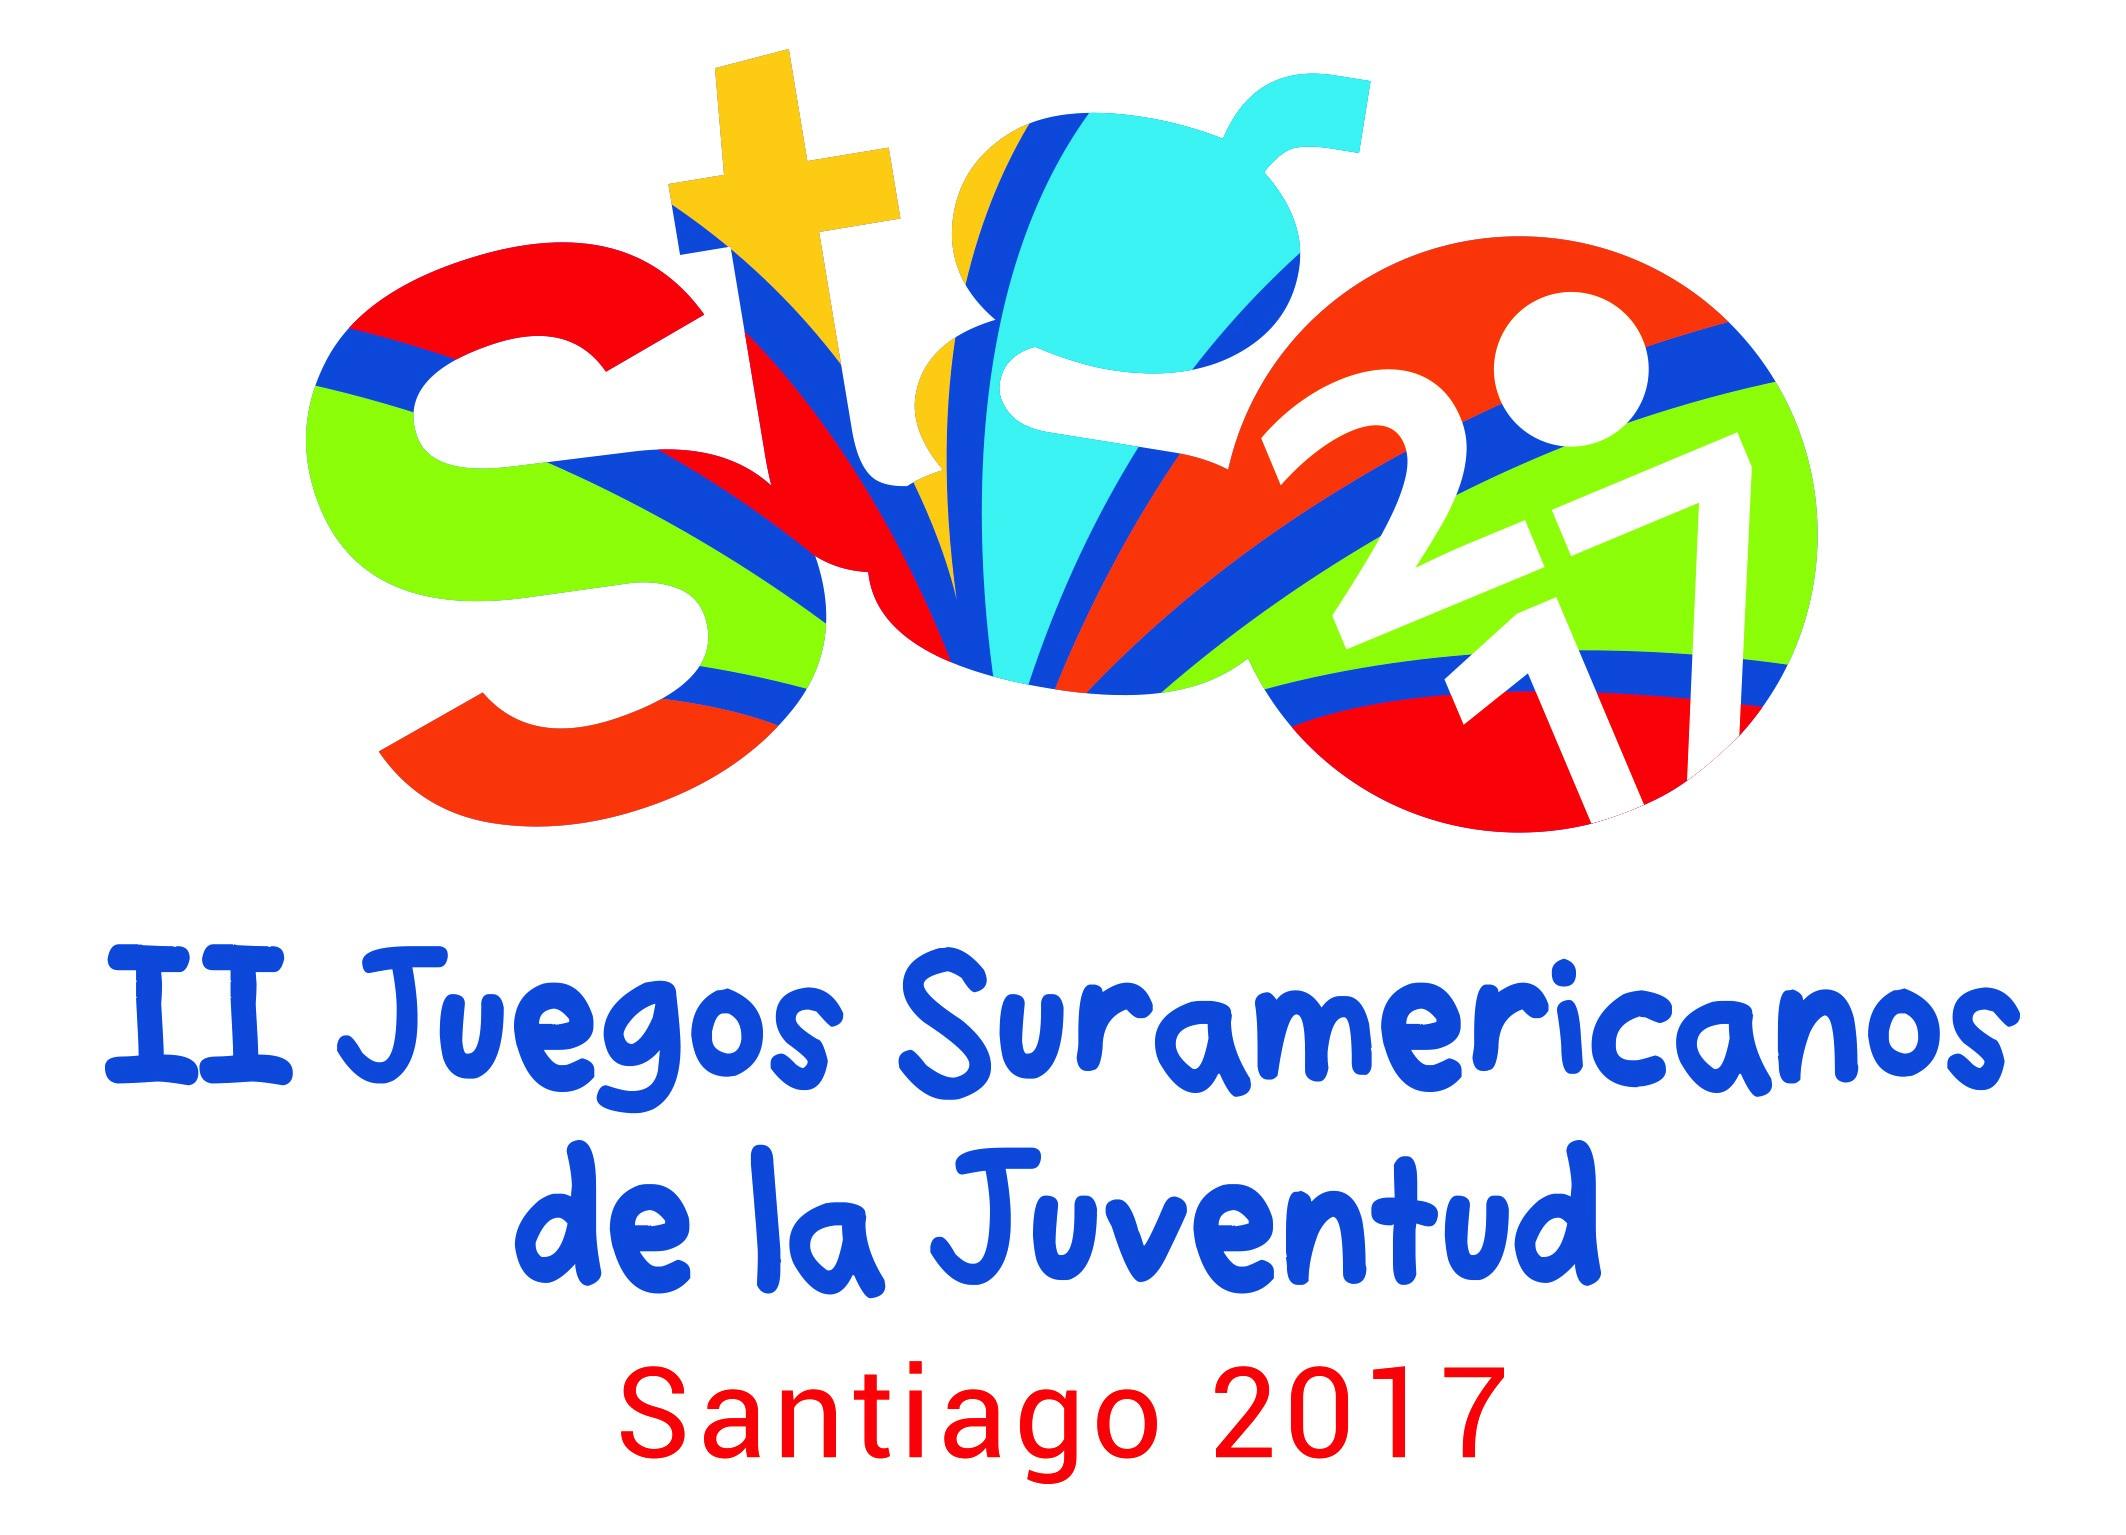 Hoy se inauguran los II Juegos Suramericanos de la Juventud